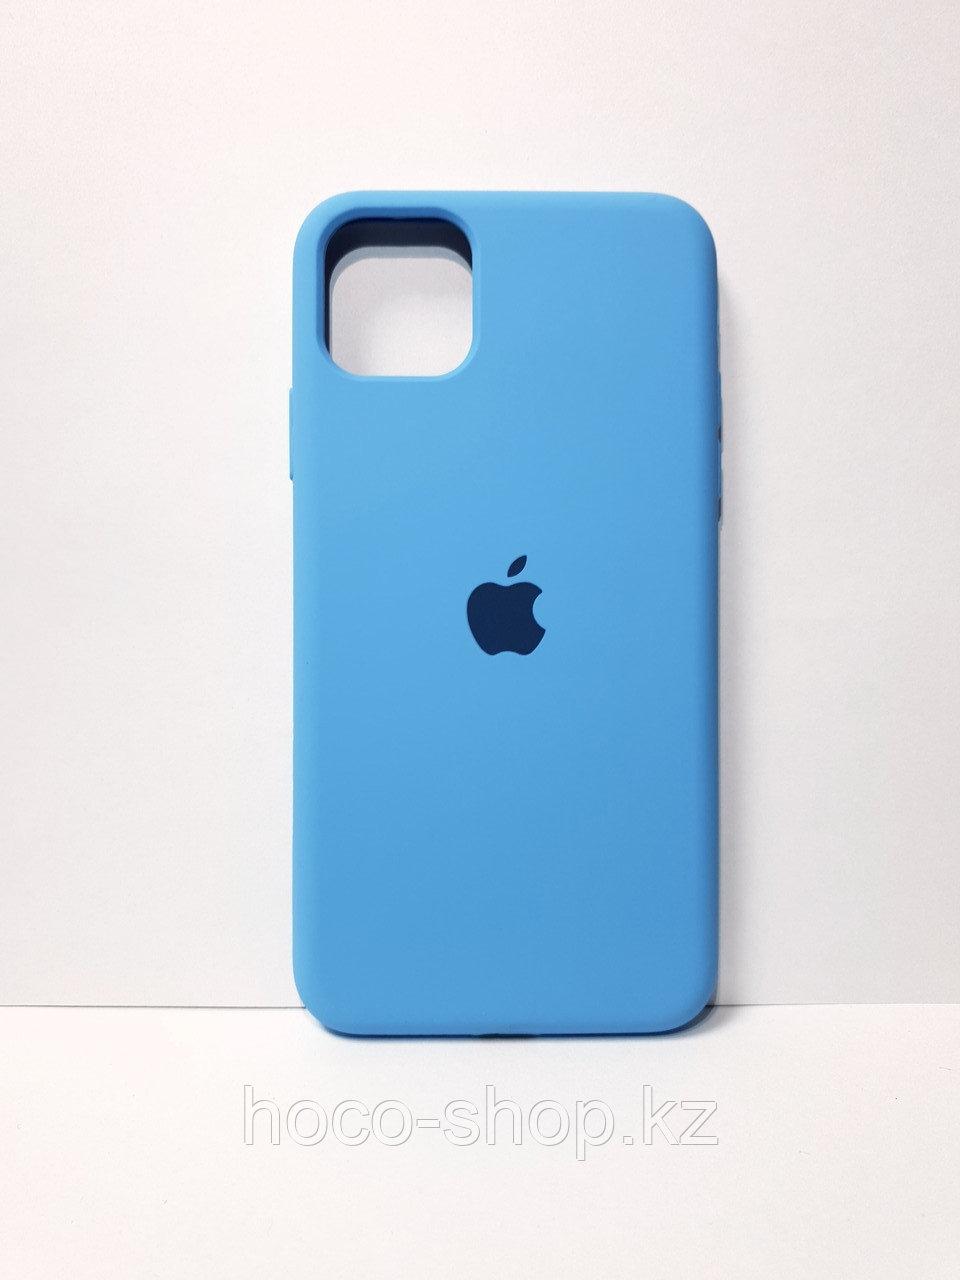 Защитный чехол для iPhone 11 Pro Max Soft Touch силиконовый, голубой